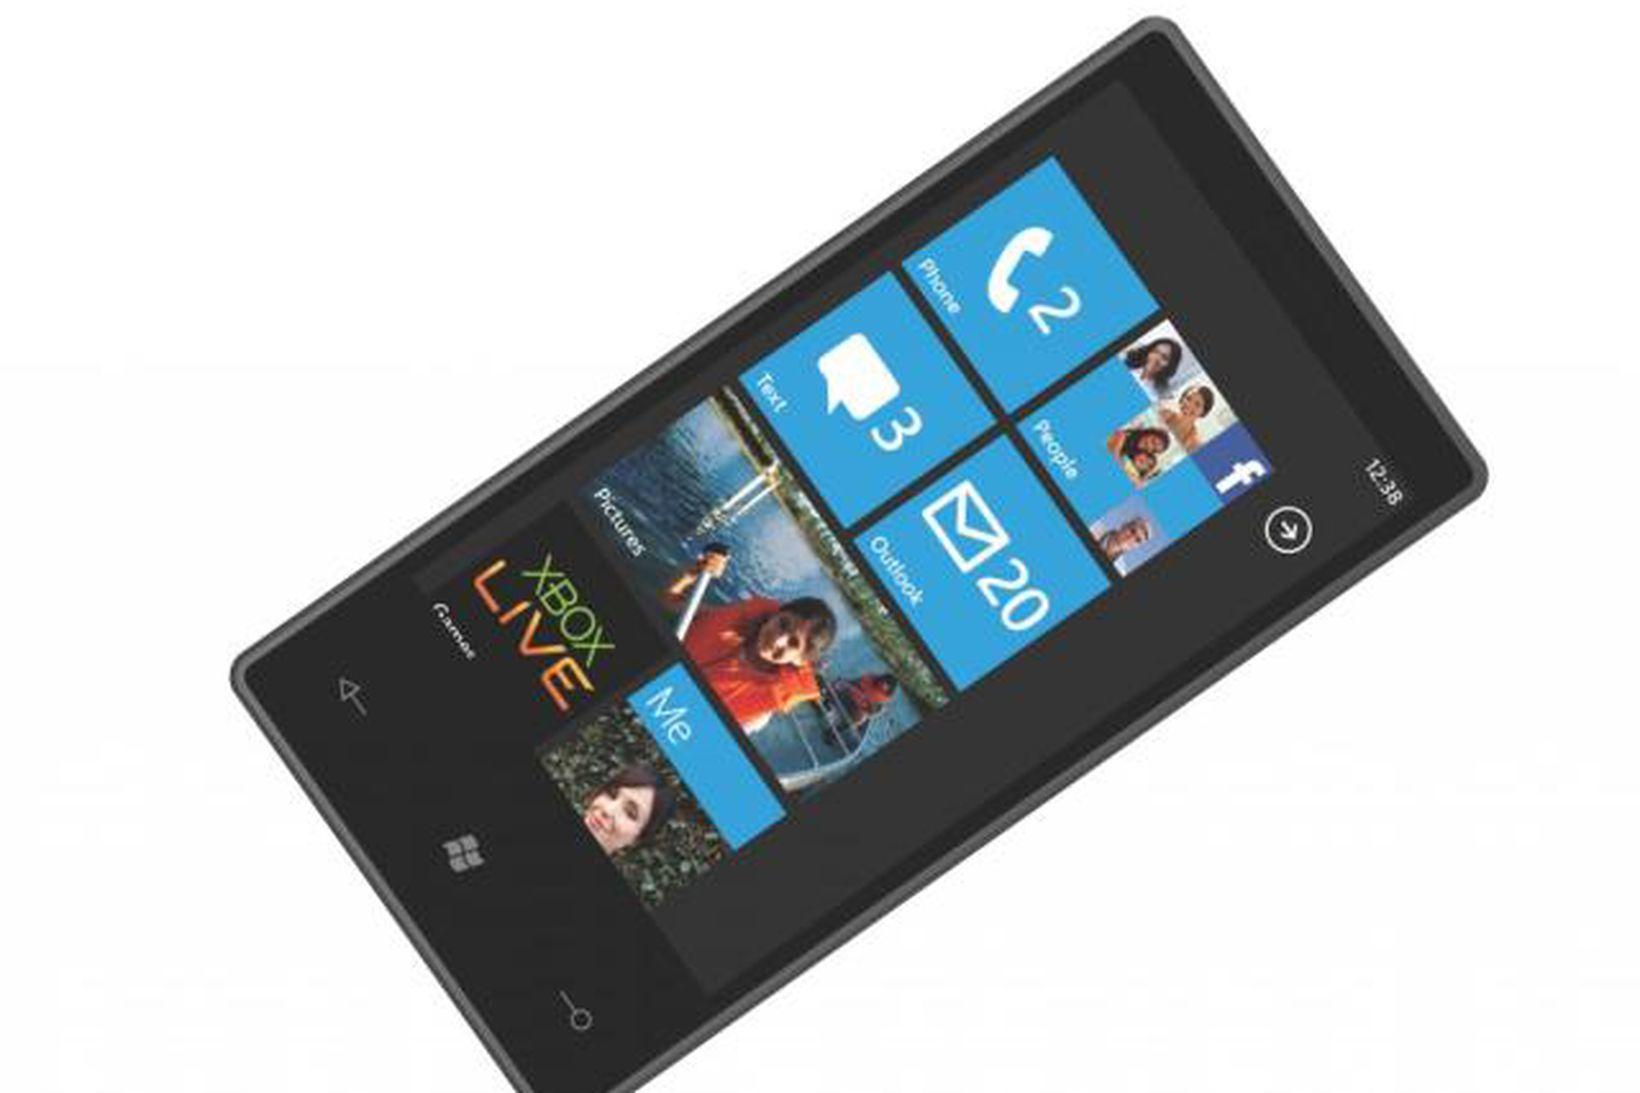 Windows Phone 7 snjallsími.